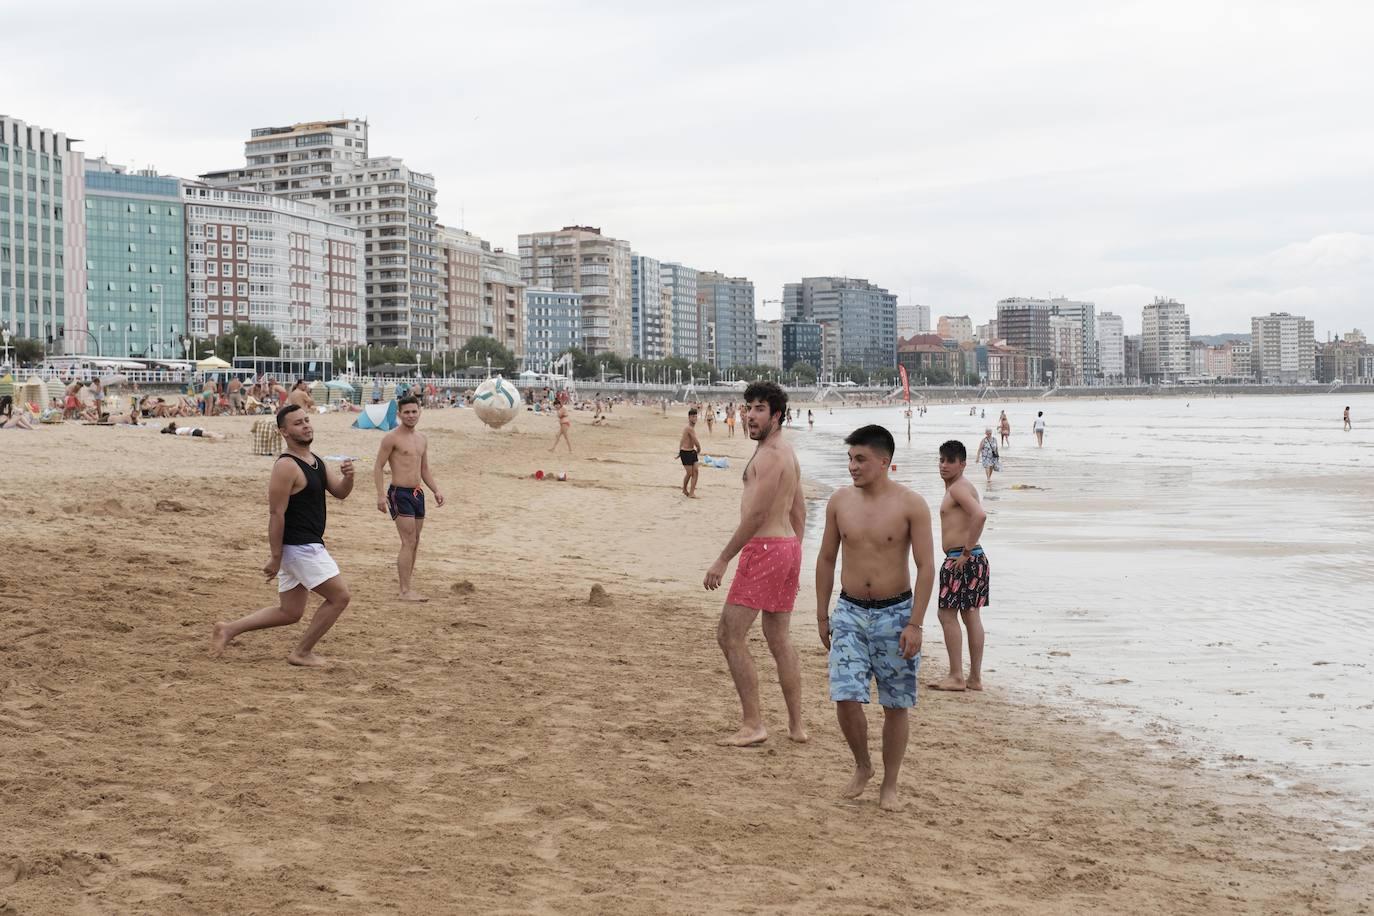 Jornada de nubes y temperaturas más bajas en Asturias